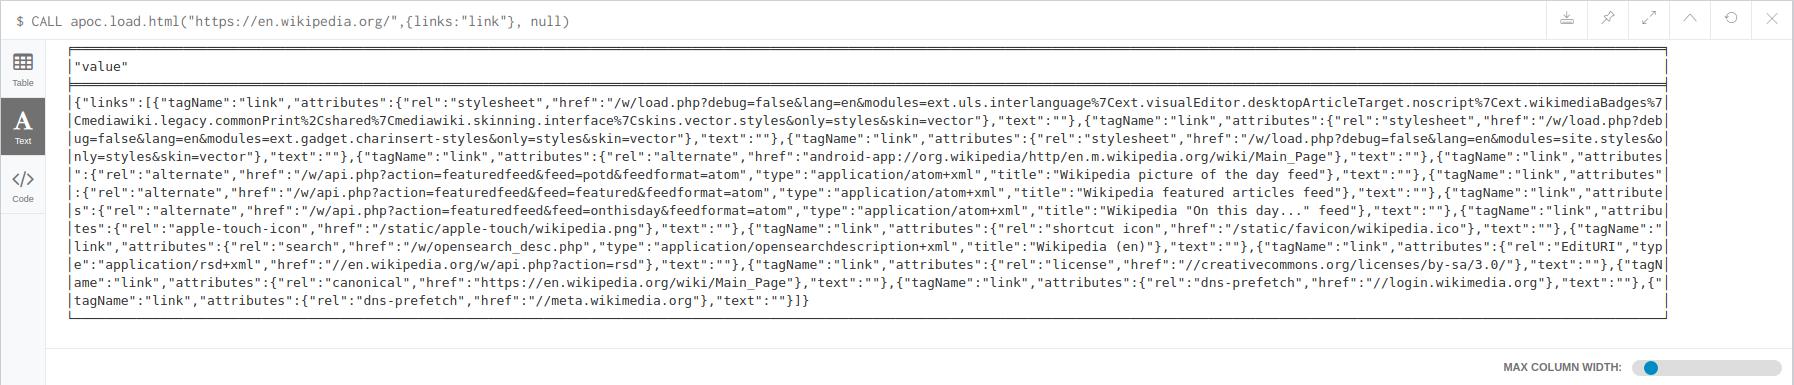 apoc.load.htmllinks